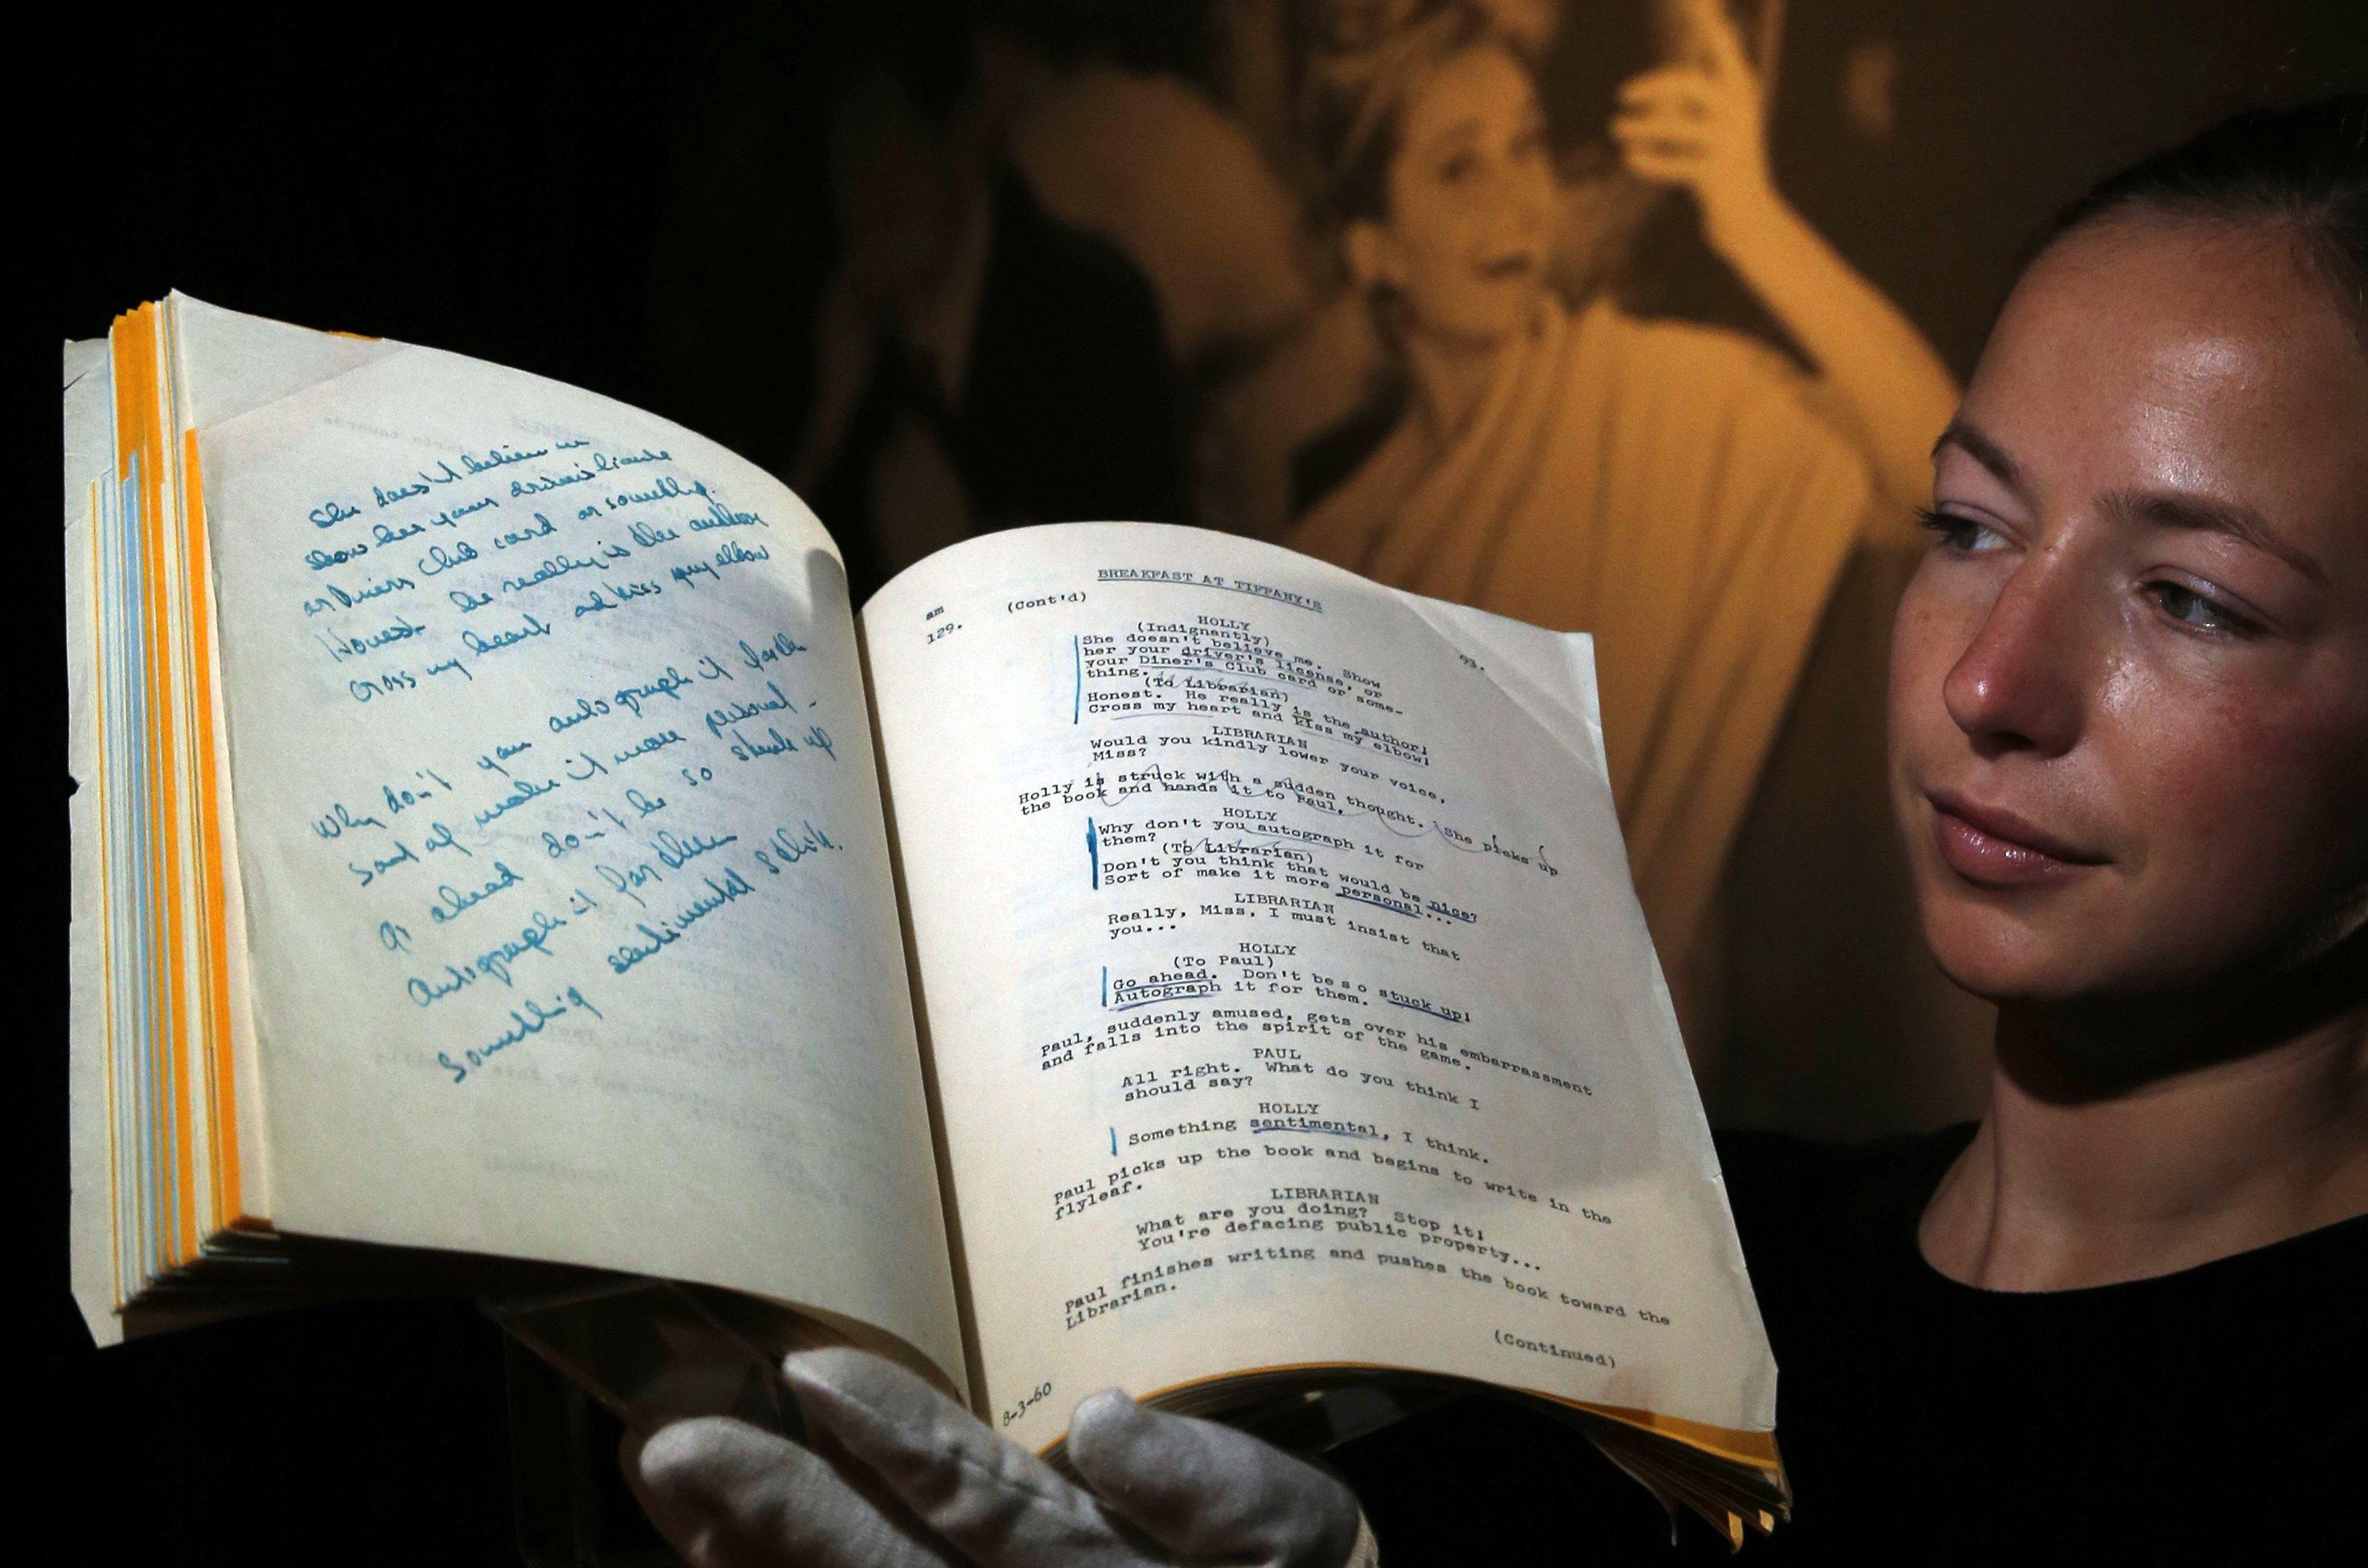 Audrey Hepburn mementoes fetch $6 2 million at auction